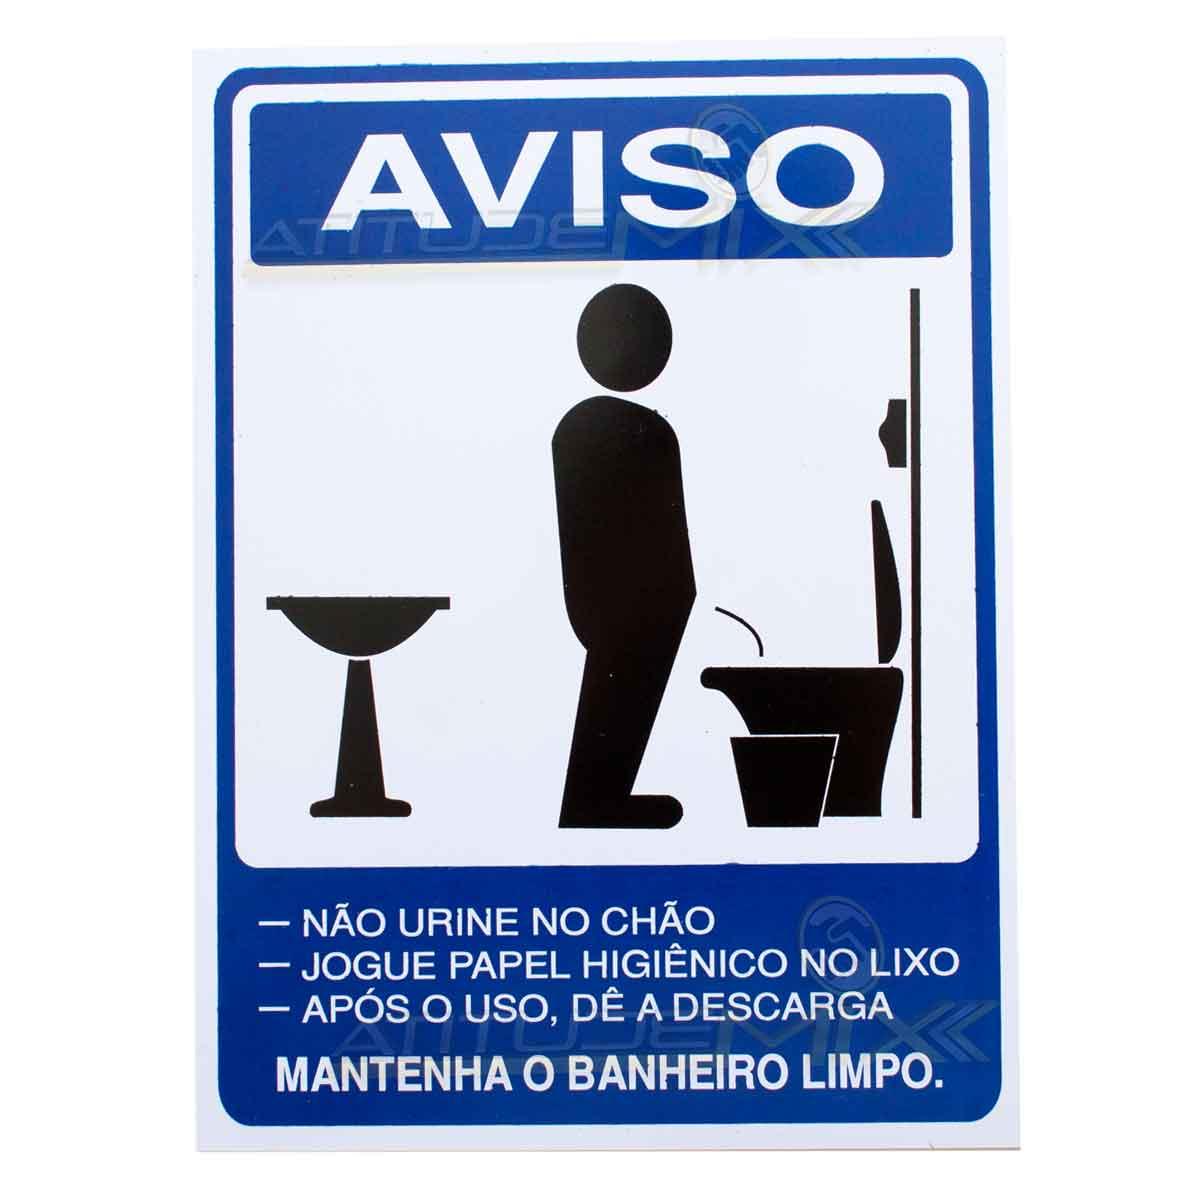 Placa Aviso Advertência Banheiro Masculino #0C388D 1200x1200 Aviso Para Banheiro Interditado